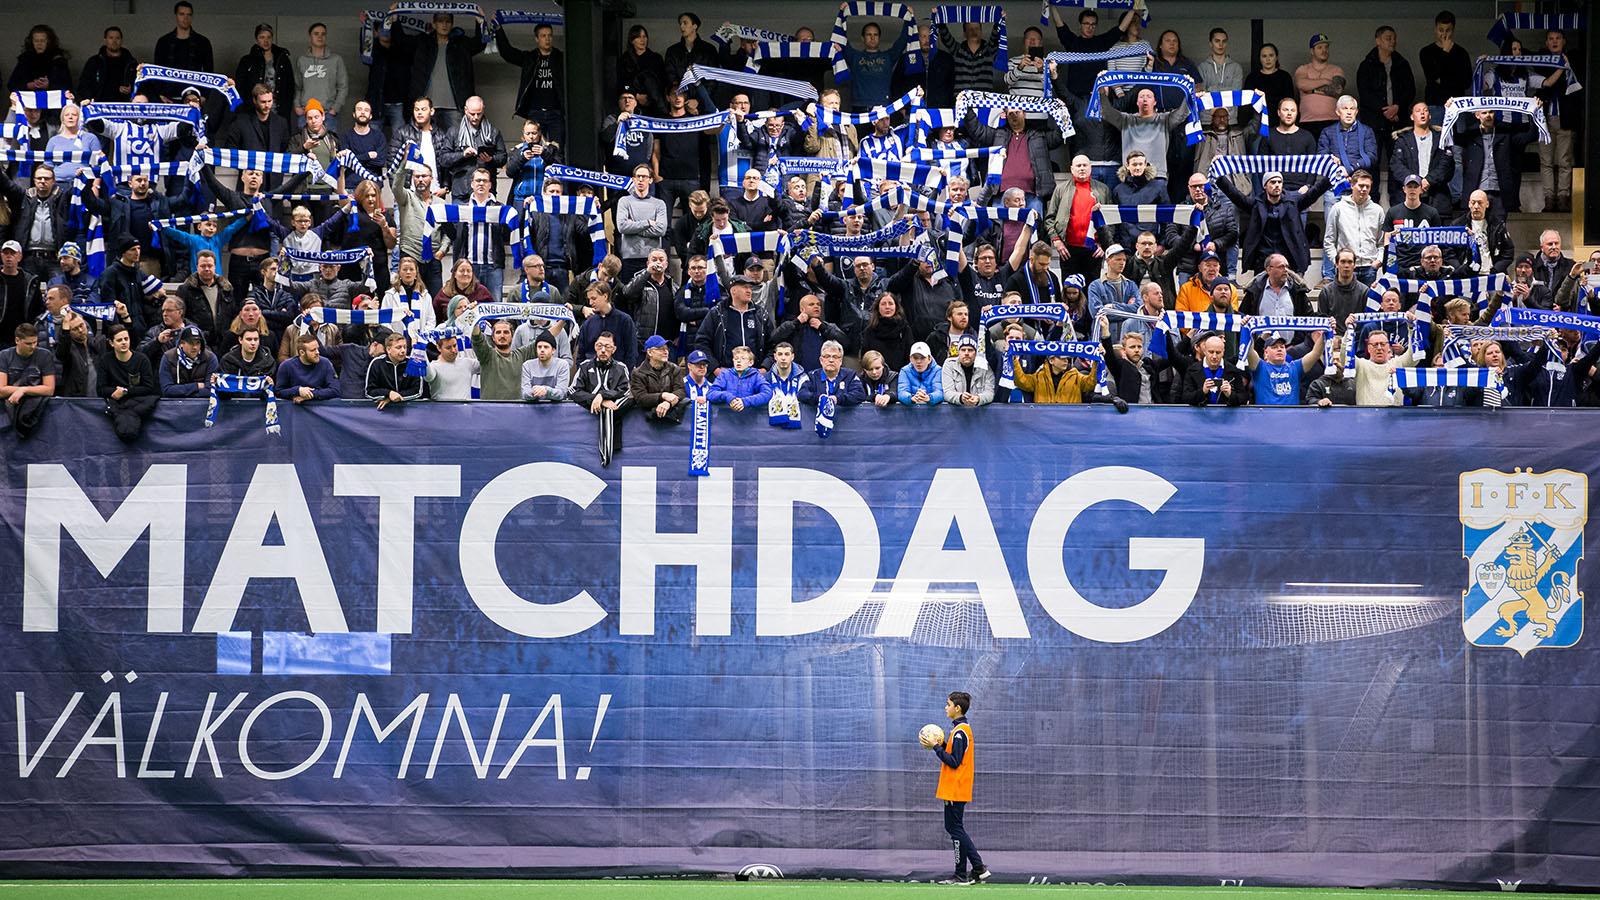 180120 IFK Göteborgs supportrar sjunger innan en träningsmatch i fotboll mellan IFK Göteborg och Ålborg den 20 januari 2018 i Göteborg. Foto: Michael Erichsen / BILDBYRÅN / Cop 89